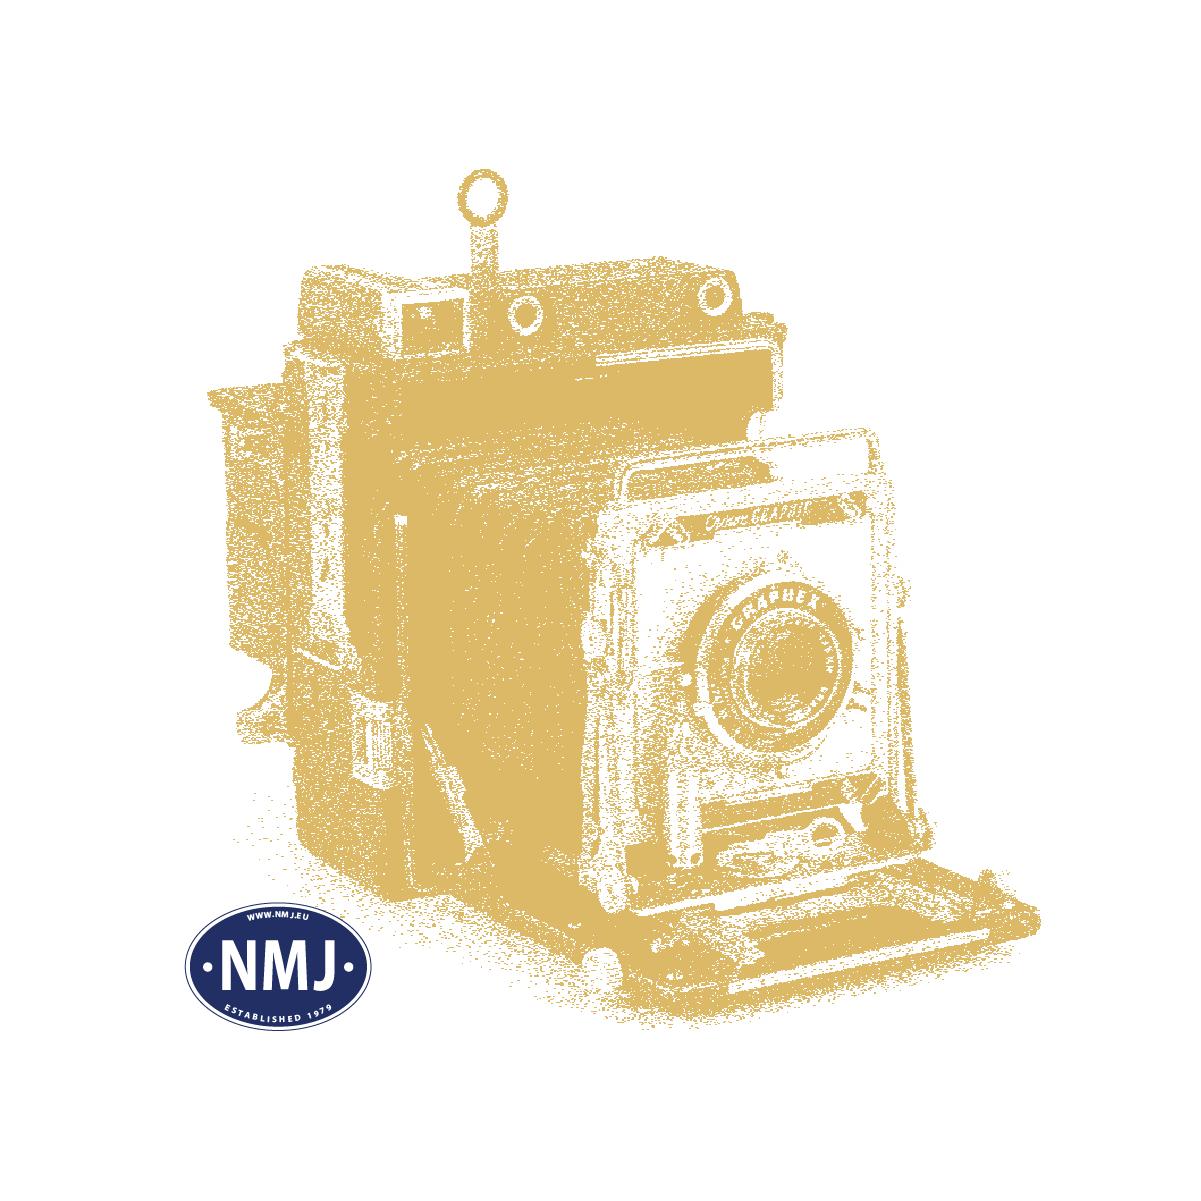 NOC15574 - I Mobilen